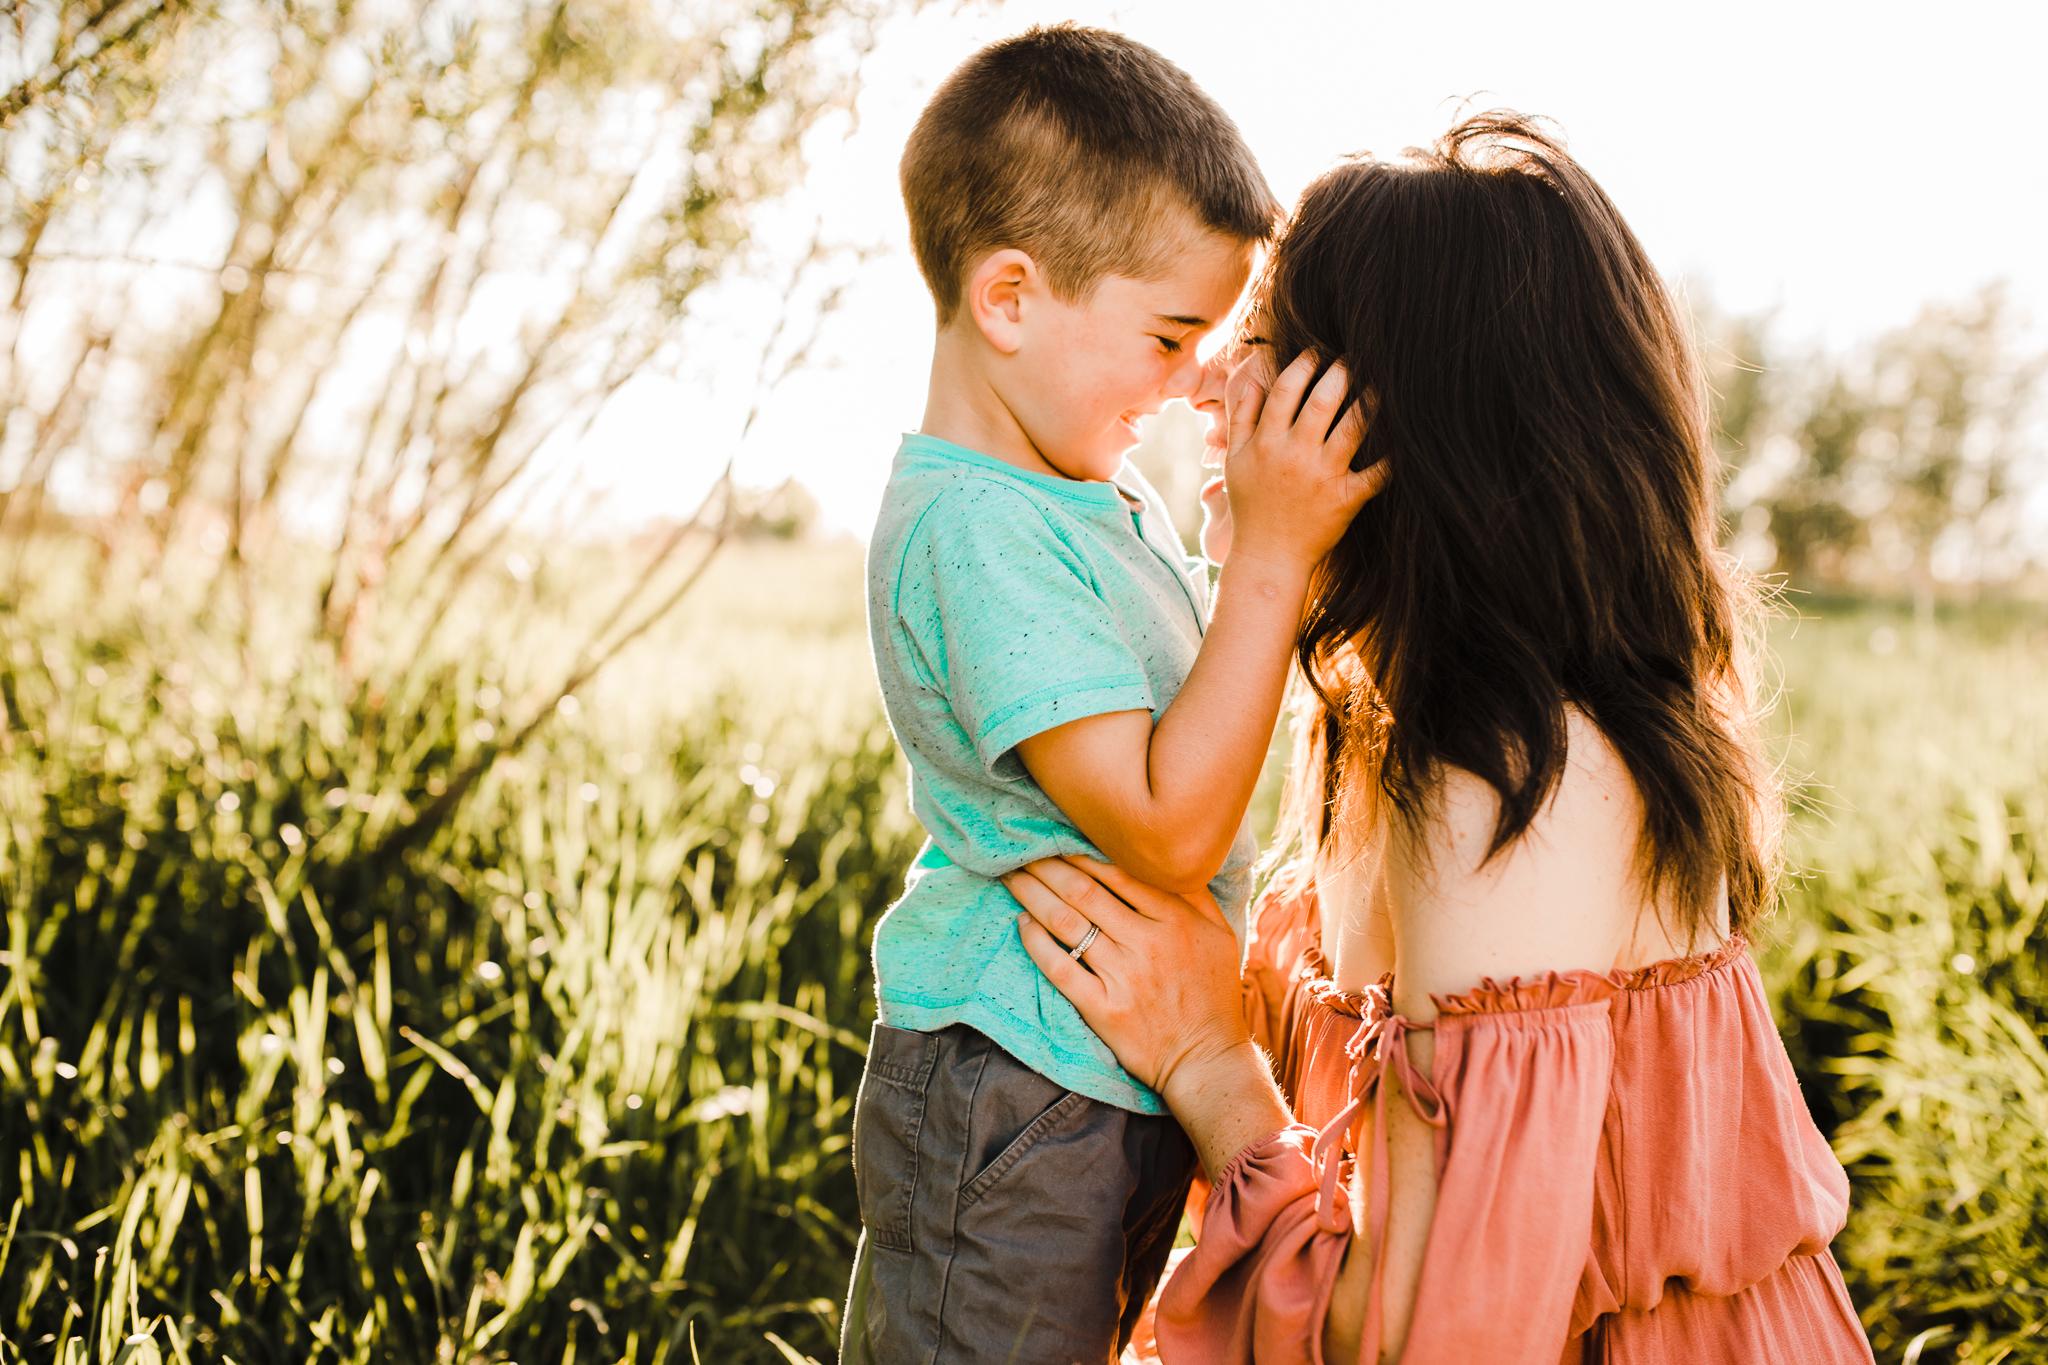 Alina-Joy-Photography-Cold-Lake-Lifestyle-Photographer-2-26.jpg